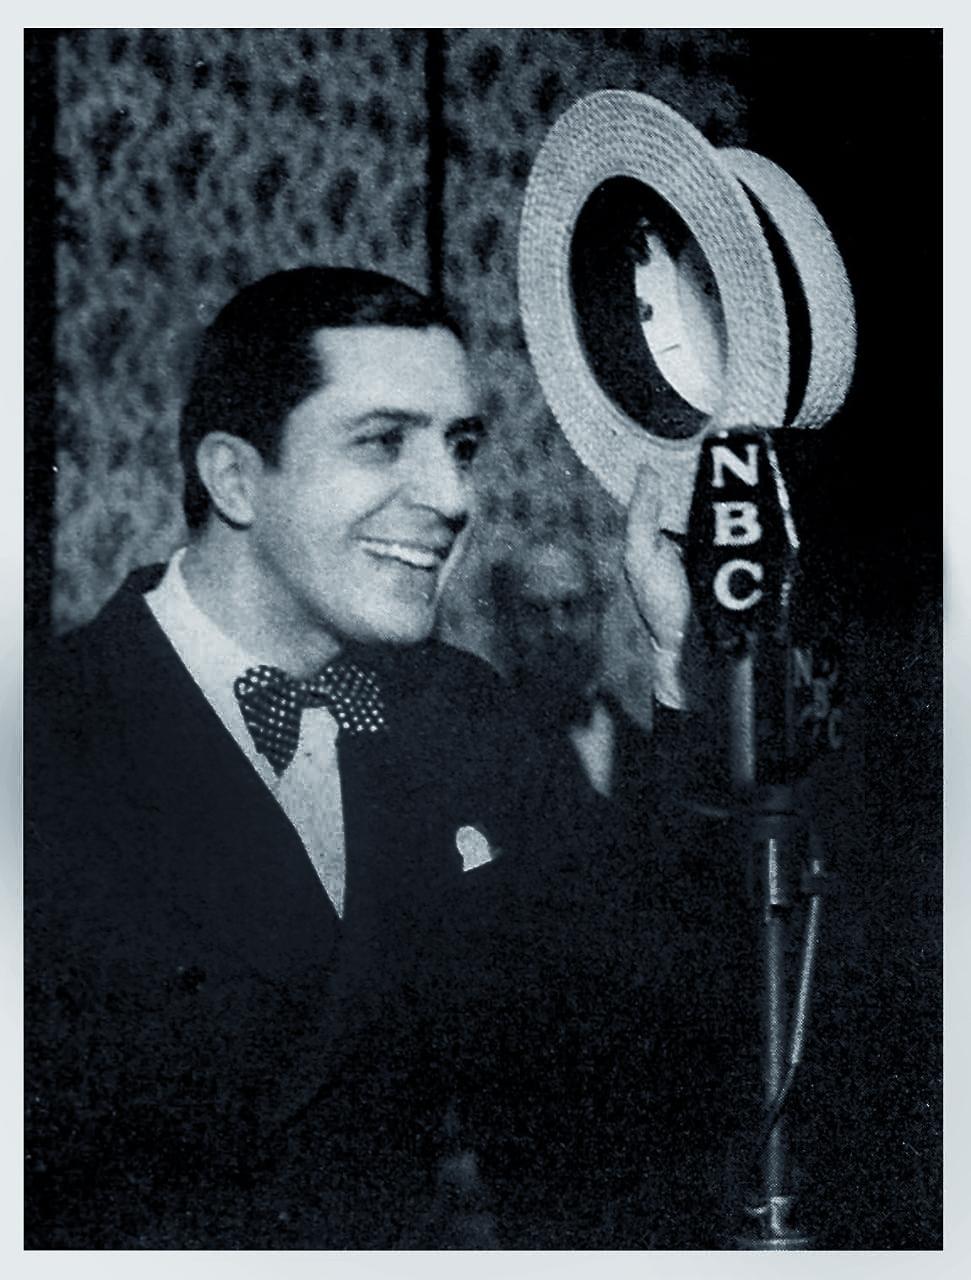 Gardel NBC